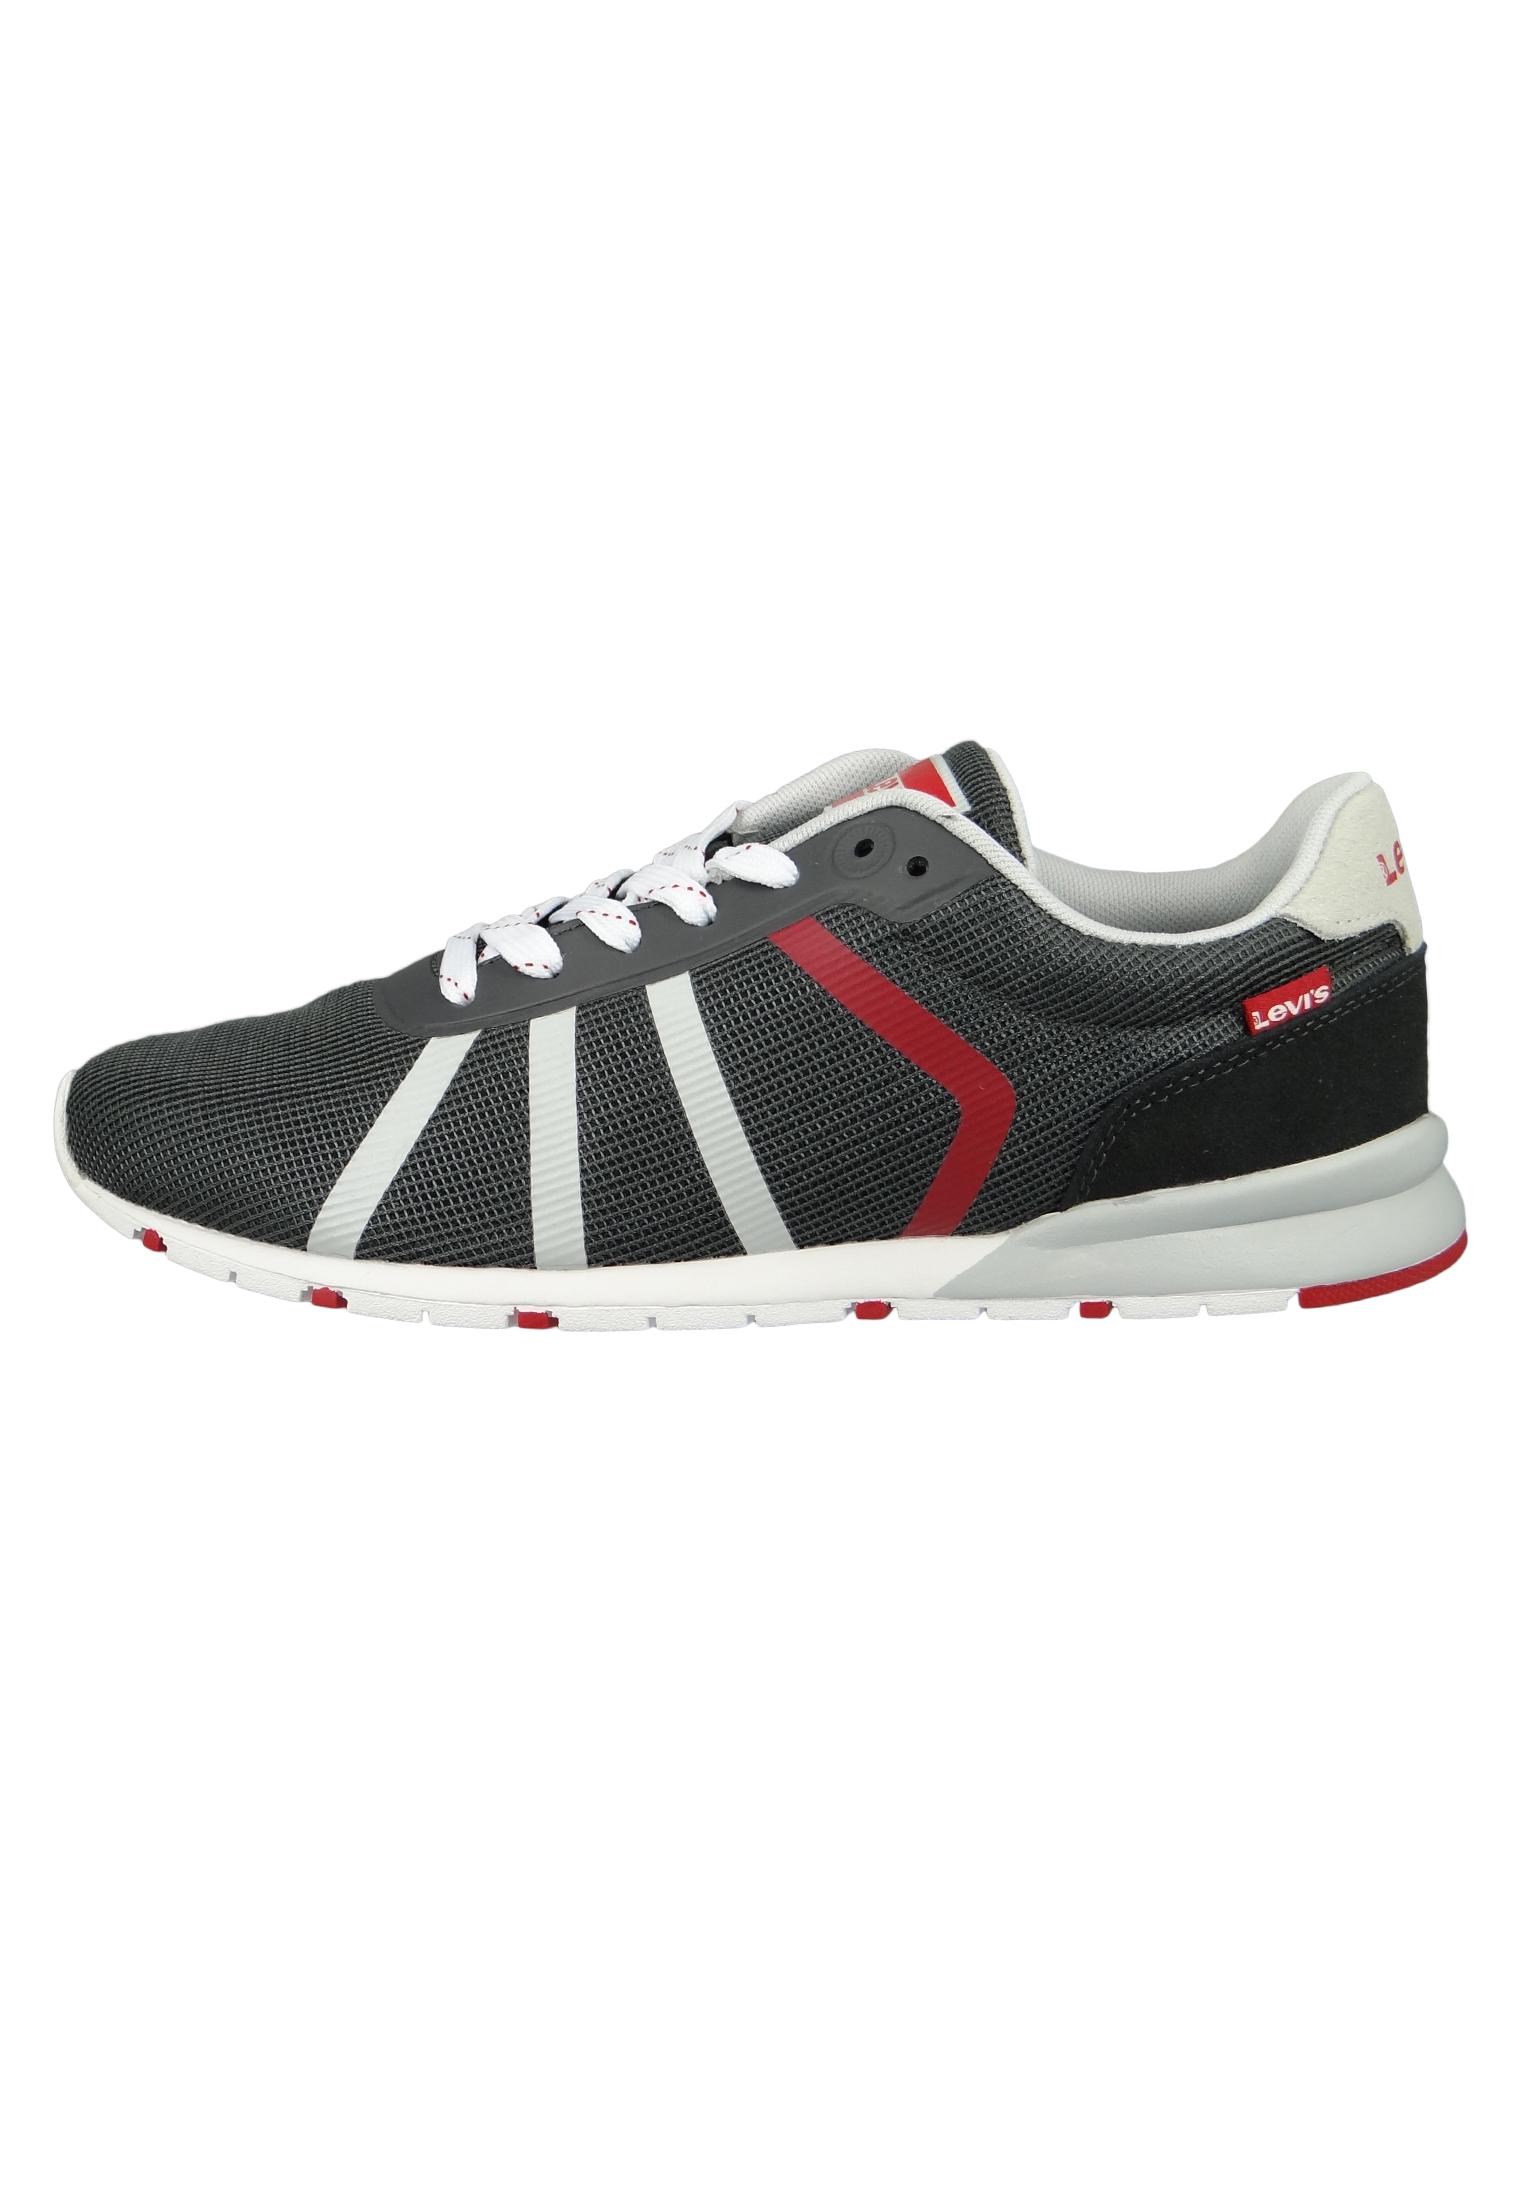 61e6bdea9 Levis Almayer Lite 227799-780-58 Herren Sneaker Dull Grey Grau – Bild 2